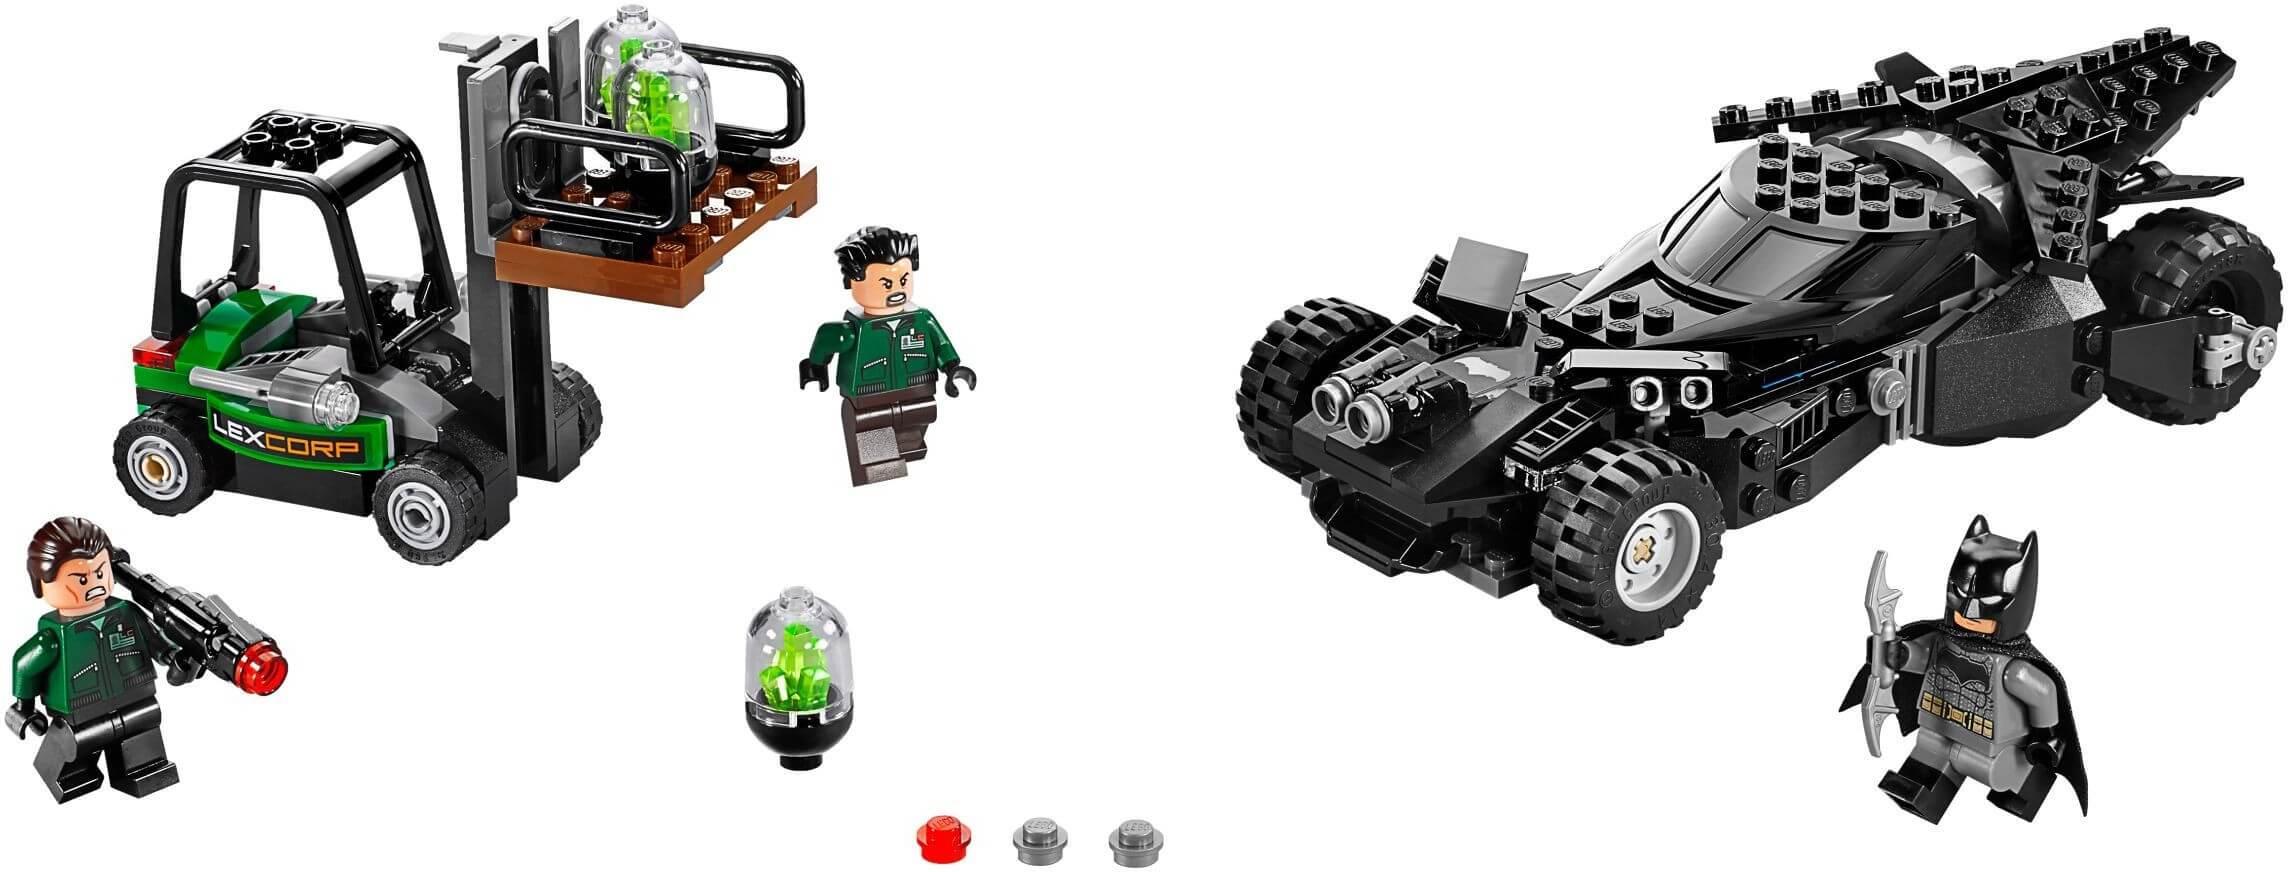 Mua đồ chơi LEGO 76045 - LEGO DC Comics Super Heroes 76045 - Siêu xe Batmobile giành lấy Kryptonite (LEGO DC Comics Super Heroes Kryptonite Interception 76045)